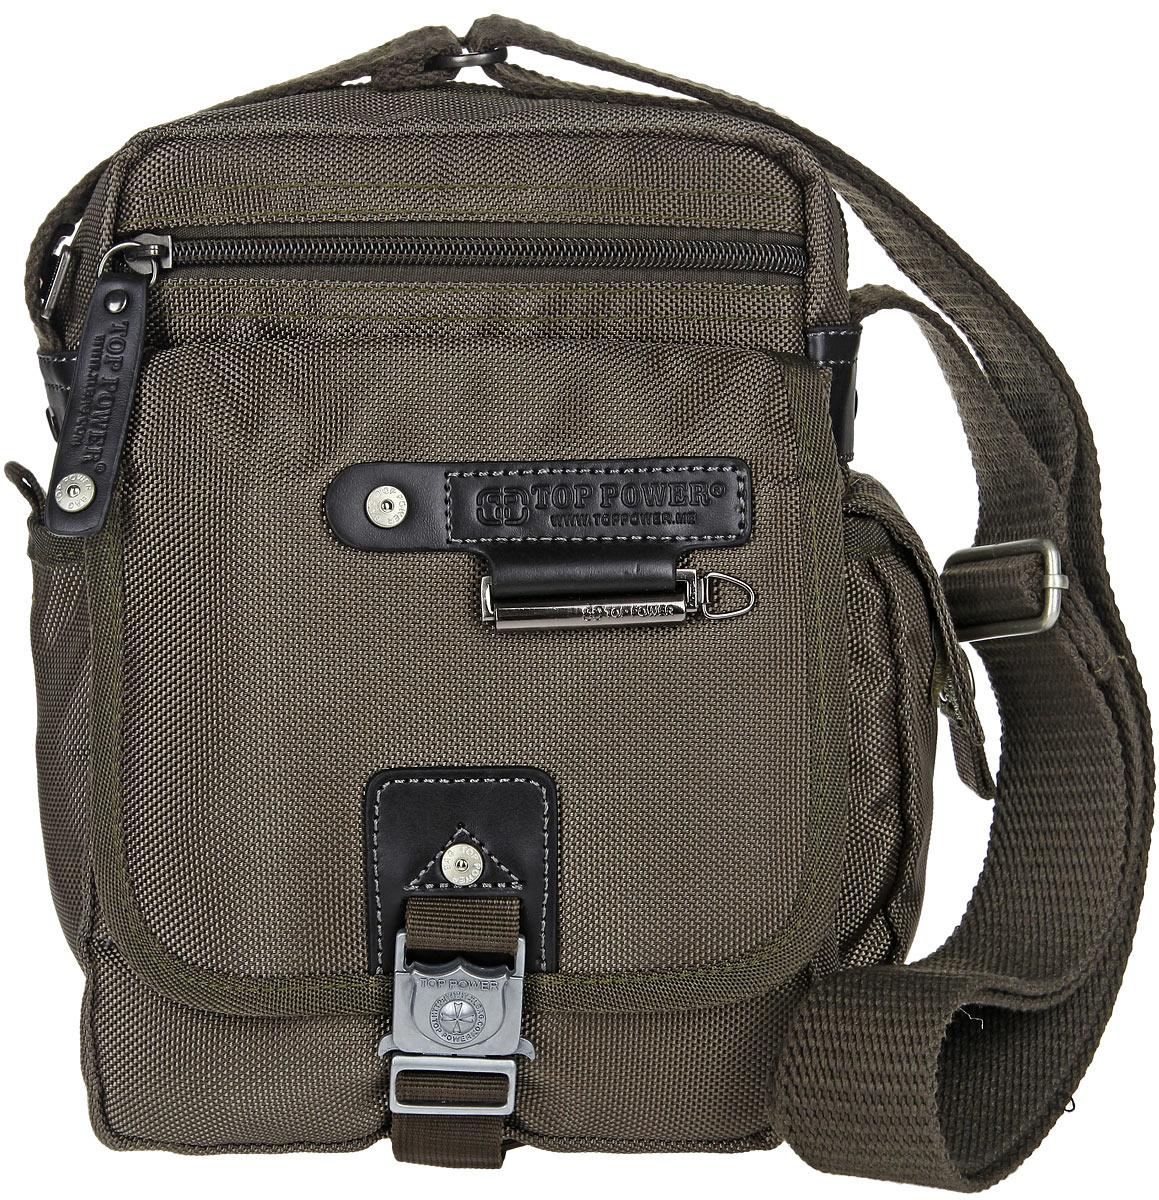 Сумка-планшет мужская Top Power, цвет: хаки. 1385 TP1385 TP khakiСтильная мужская сумка-планшет Top Power выполнена из нейлона, полиэстера и искусственной кожи. Изделие имеет одно основное отделение, которое закрывается на застежку-молнию. Внутри находится прорезной карман на застежке-молнии, два накладных открытых кармана и накладной карман, закрывающийся на клапан с застежкой-липучкой. Снаружи, на передней стенке располагается прорезной карман на застежке-молнии, под клапаном с застежкой-защелкой - два накладных открытых кармана и два держателя для авторучек. По бокам накладные карманы, один из которых закрывается на застежку-липучку, второй - на клапан с застежкой-липучкой. На задней стенке предусмотрен дополнительный прорезной карман на застежке-молнии. Сумка оснащена текстильным плечевым ремнем регулируемой длины. Удобная и стильная сумка Top Power призвана подчеркнуть ваш неповторимый стиль.